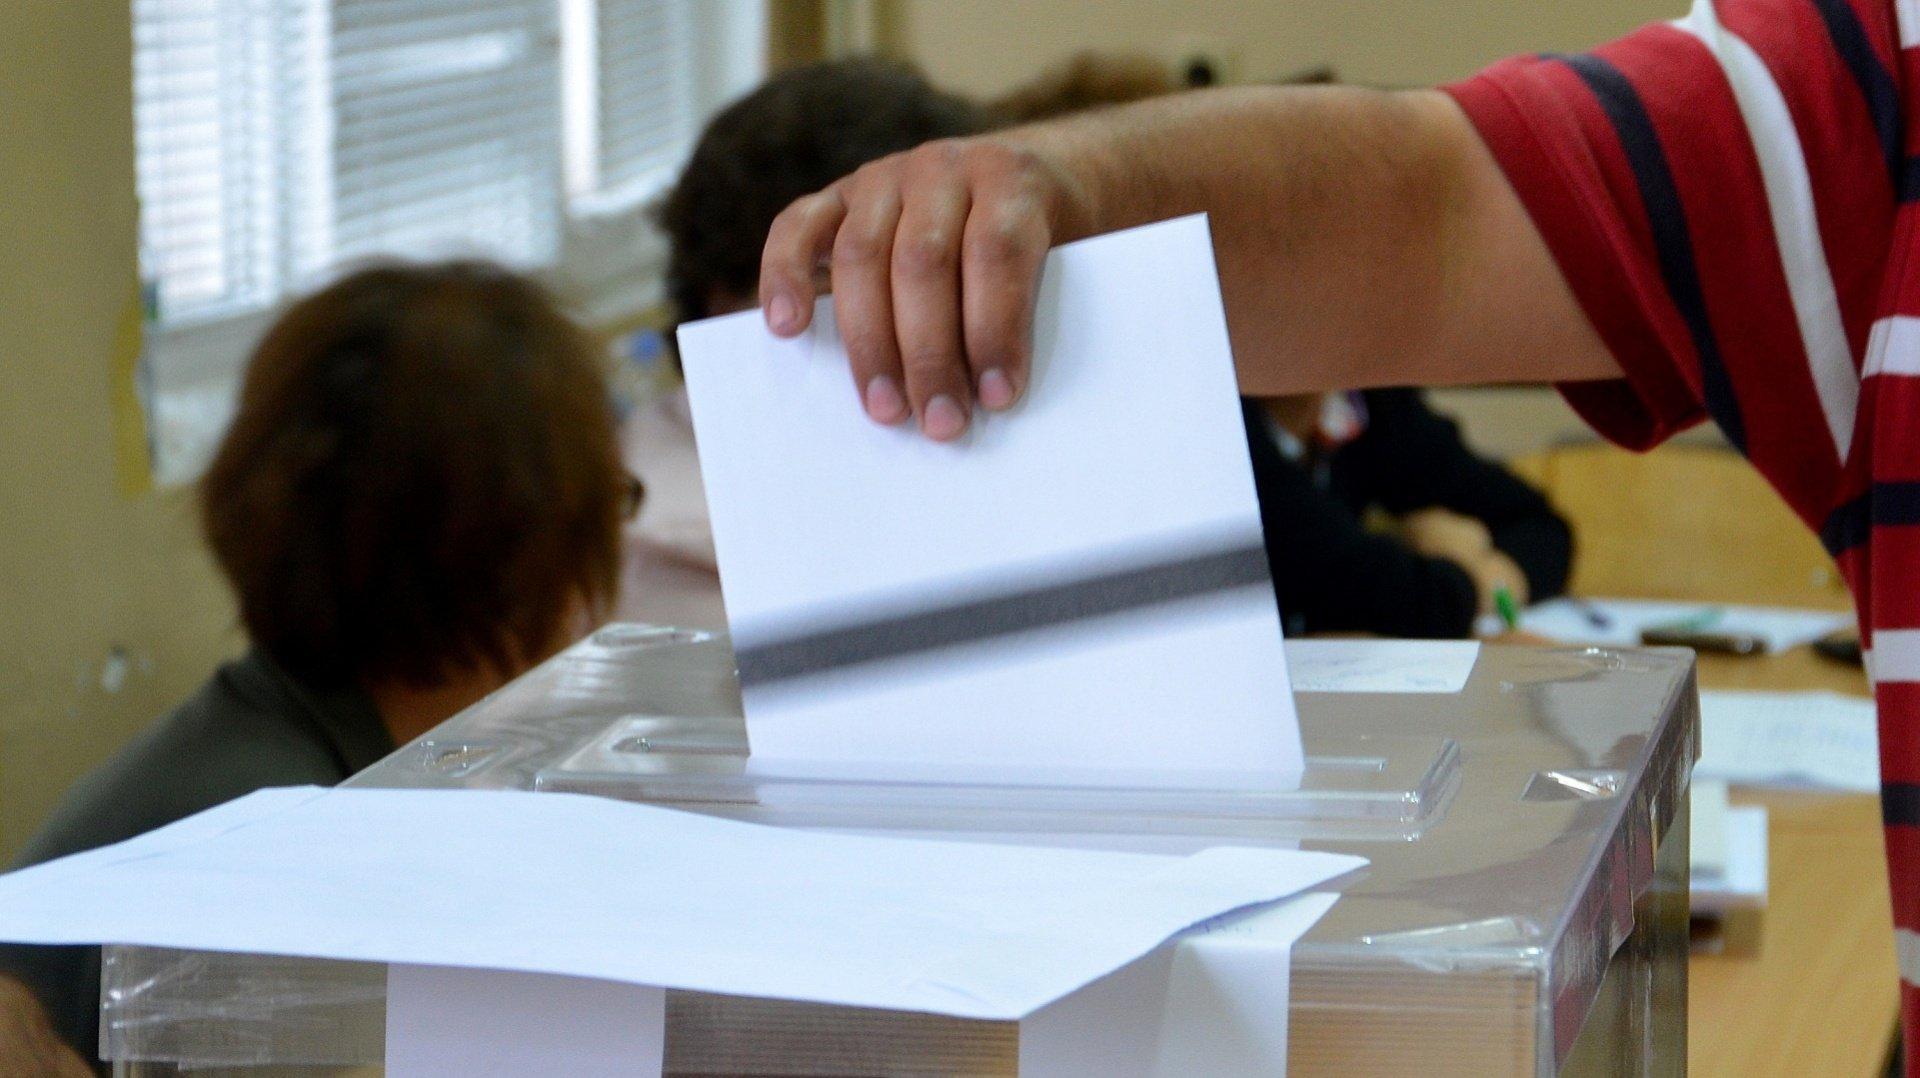 Европейските избори в България ще се проведат на 26-ти май. Снимка Архив